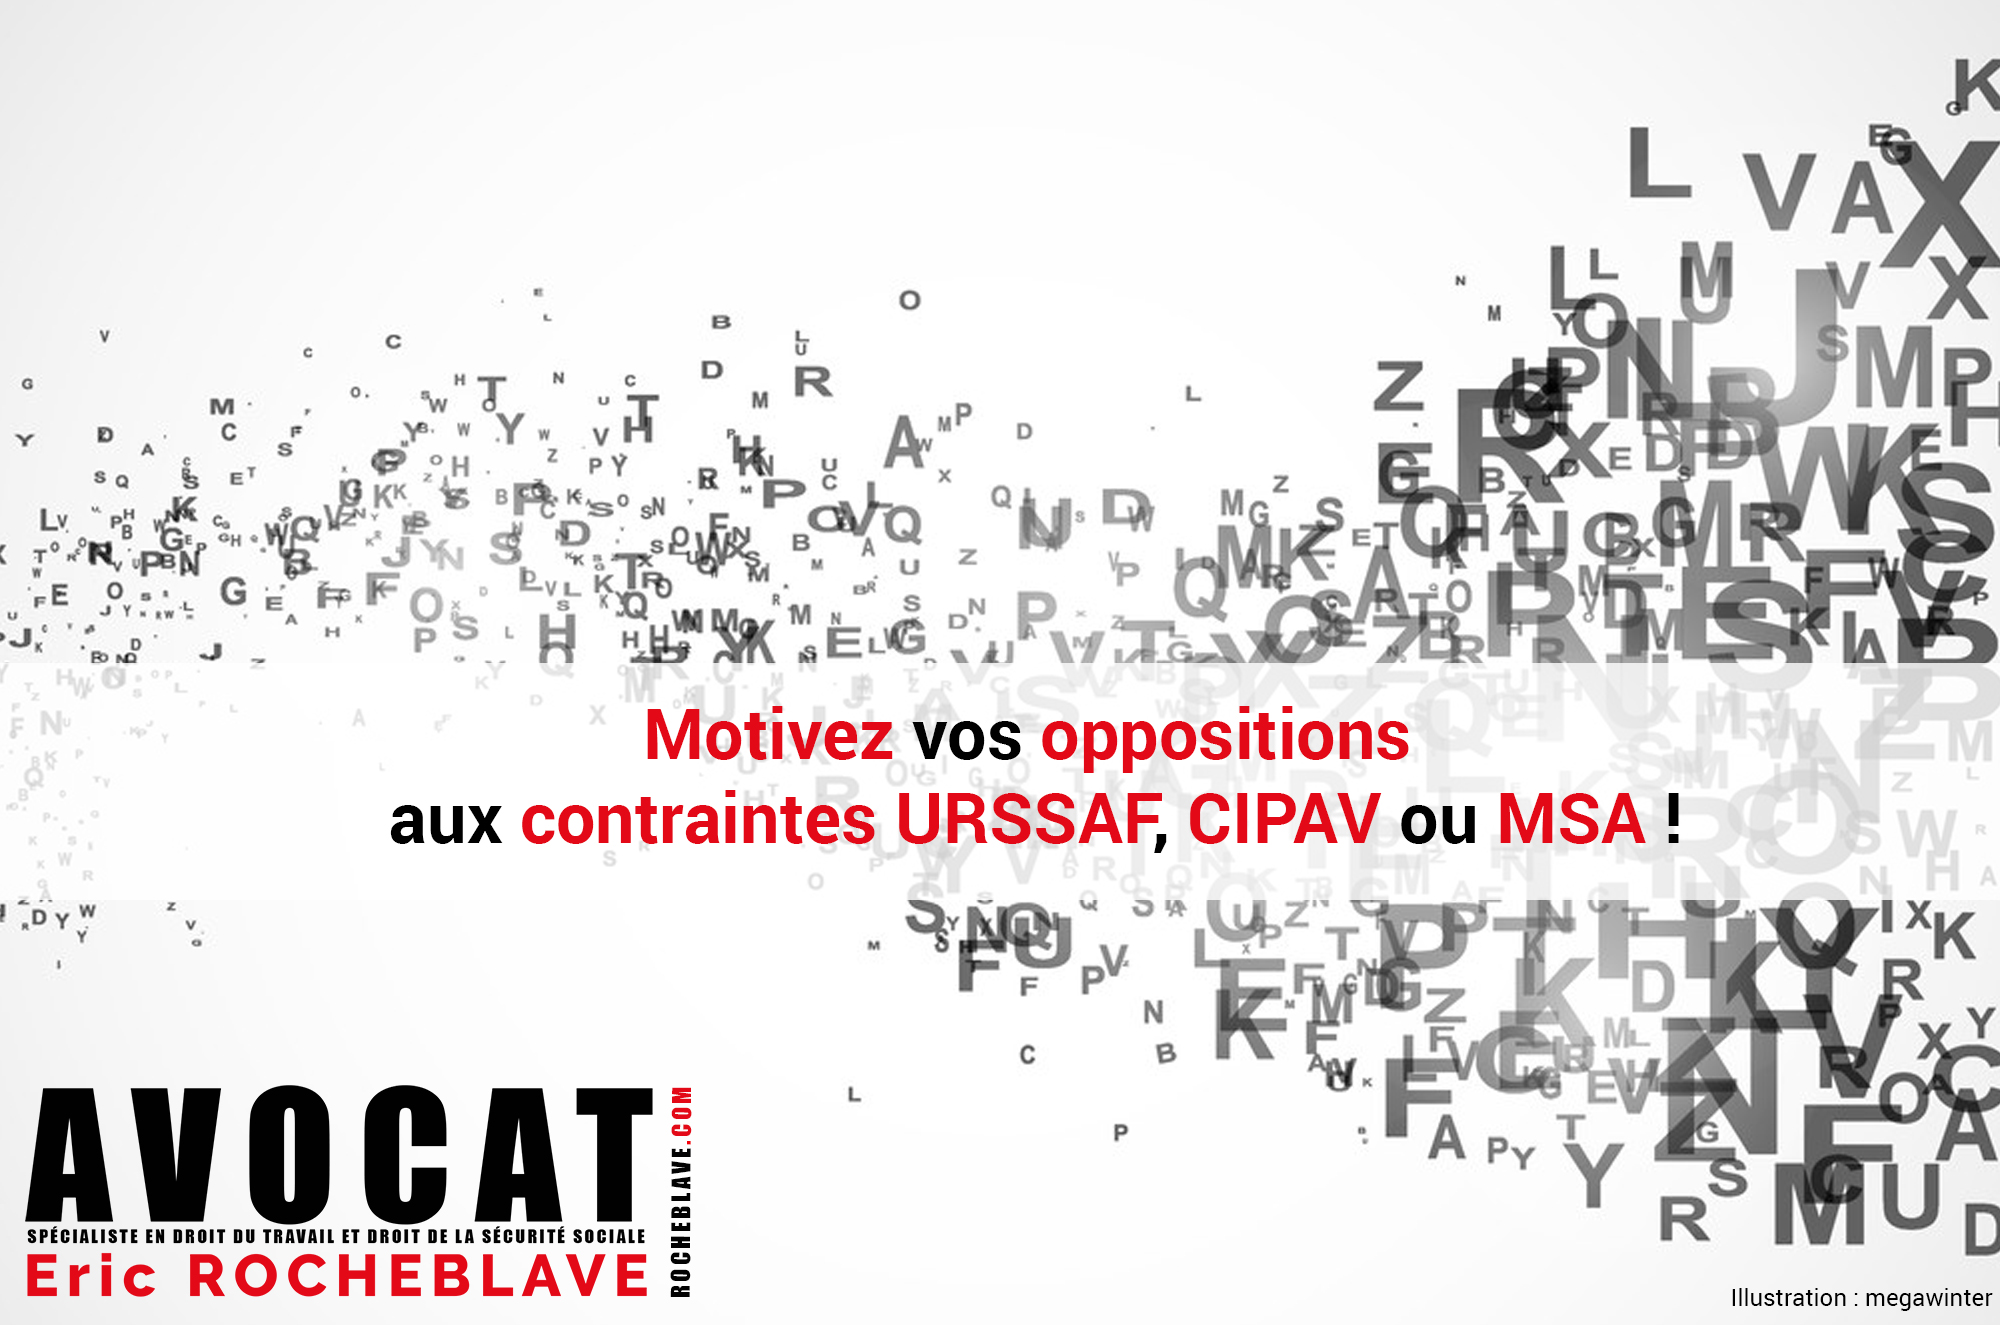 Motivez vos oppositions aux contraintes URSSAF, CIPAV ou MSA !